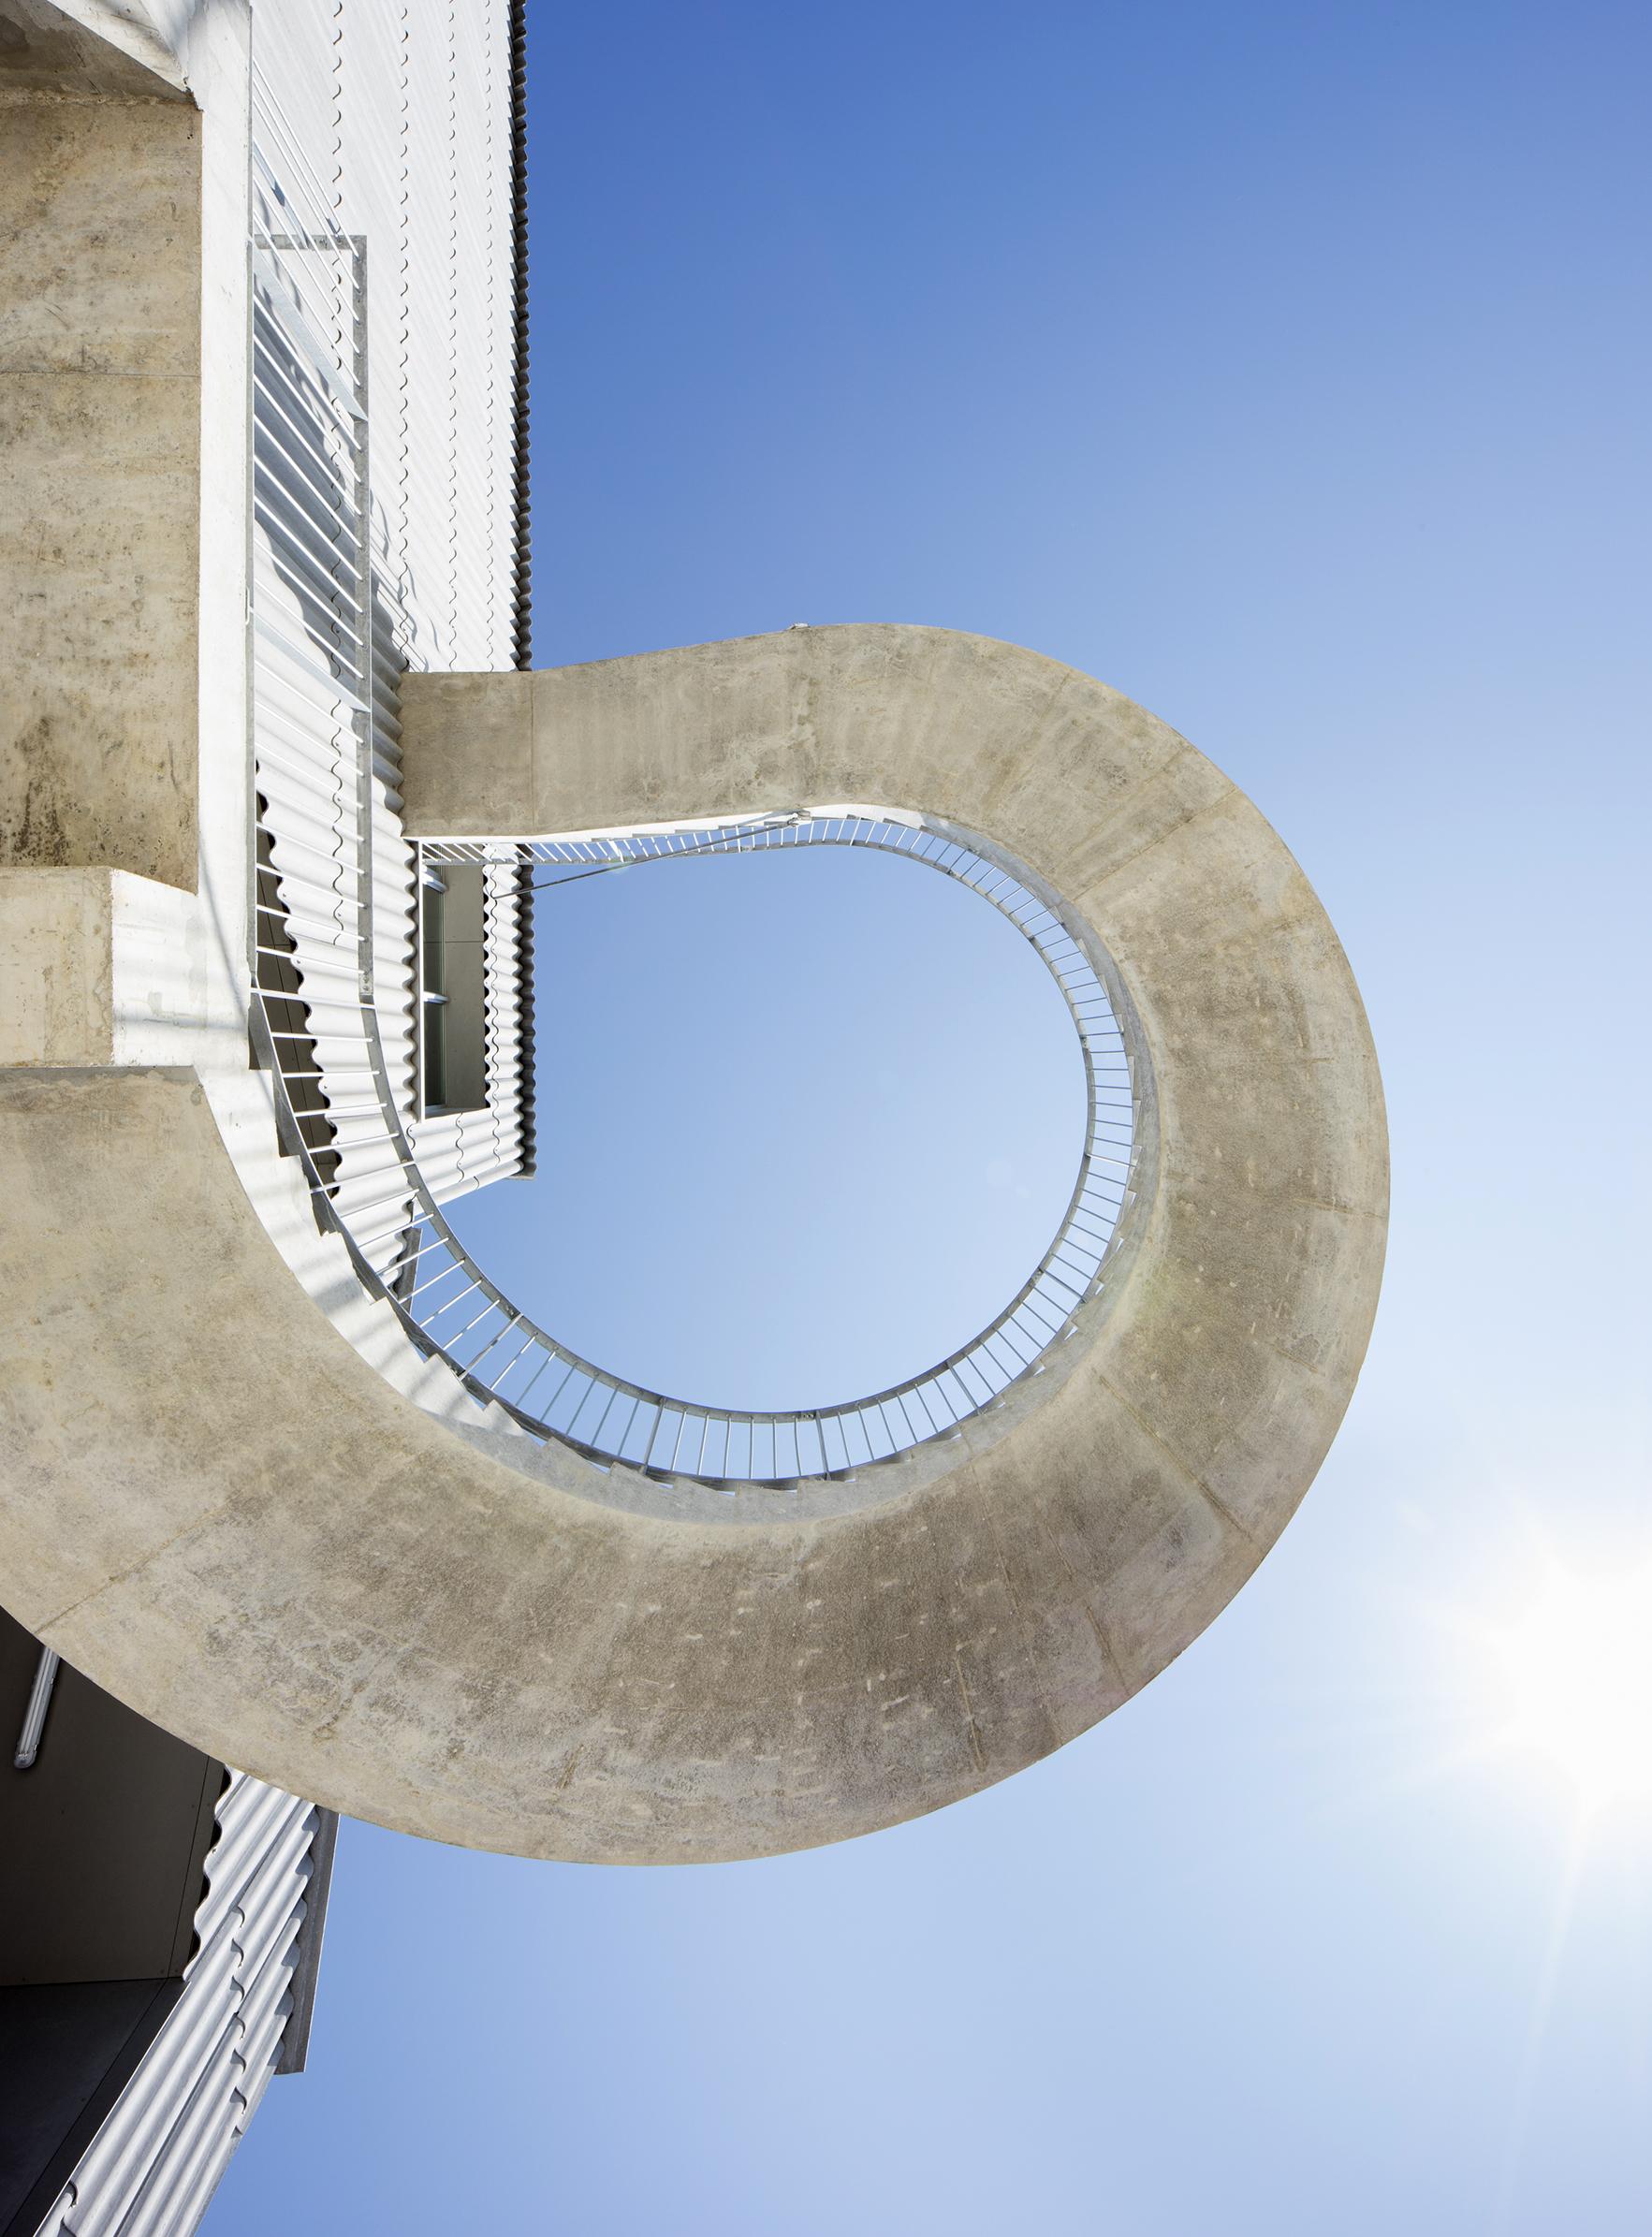 Le CNAC 02 - Friches + Culturel - Caractère Spécial Matthieu Poitevin Architecture